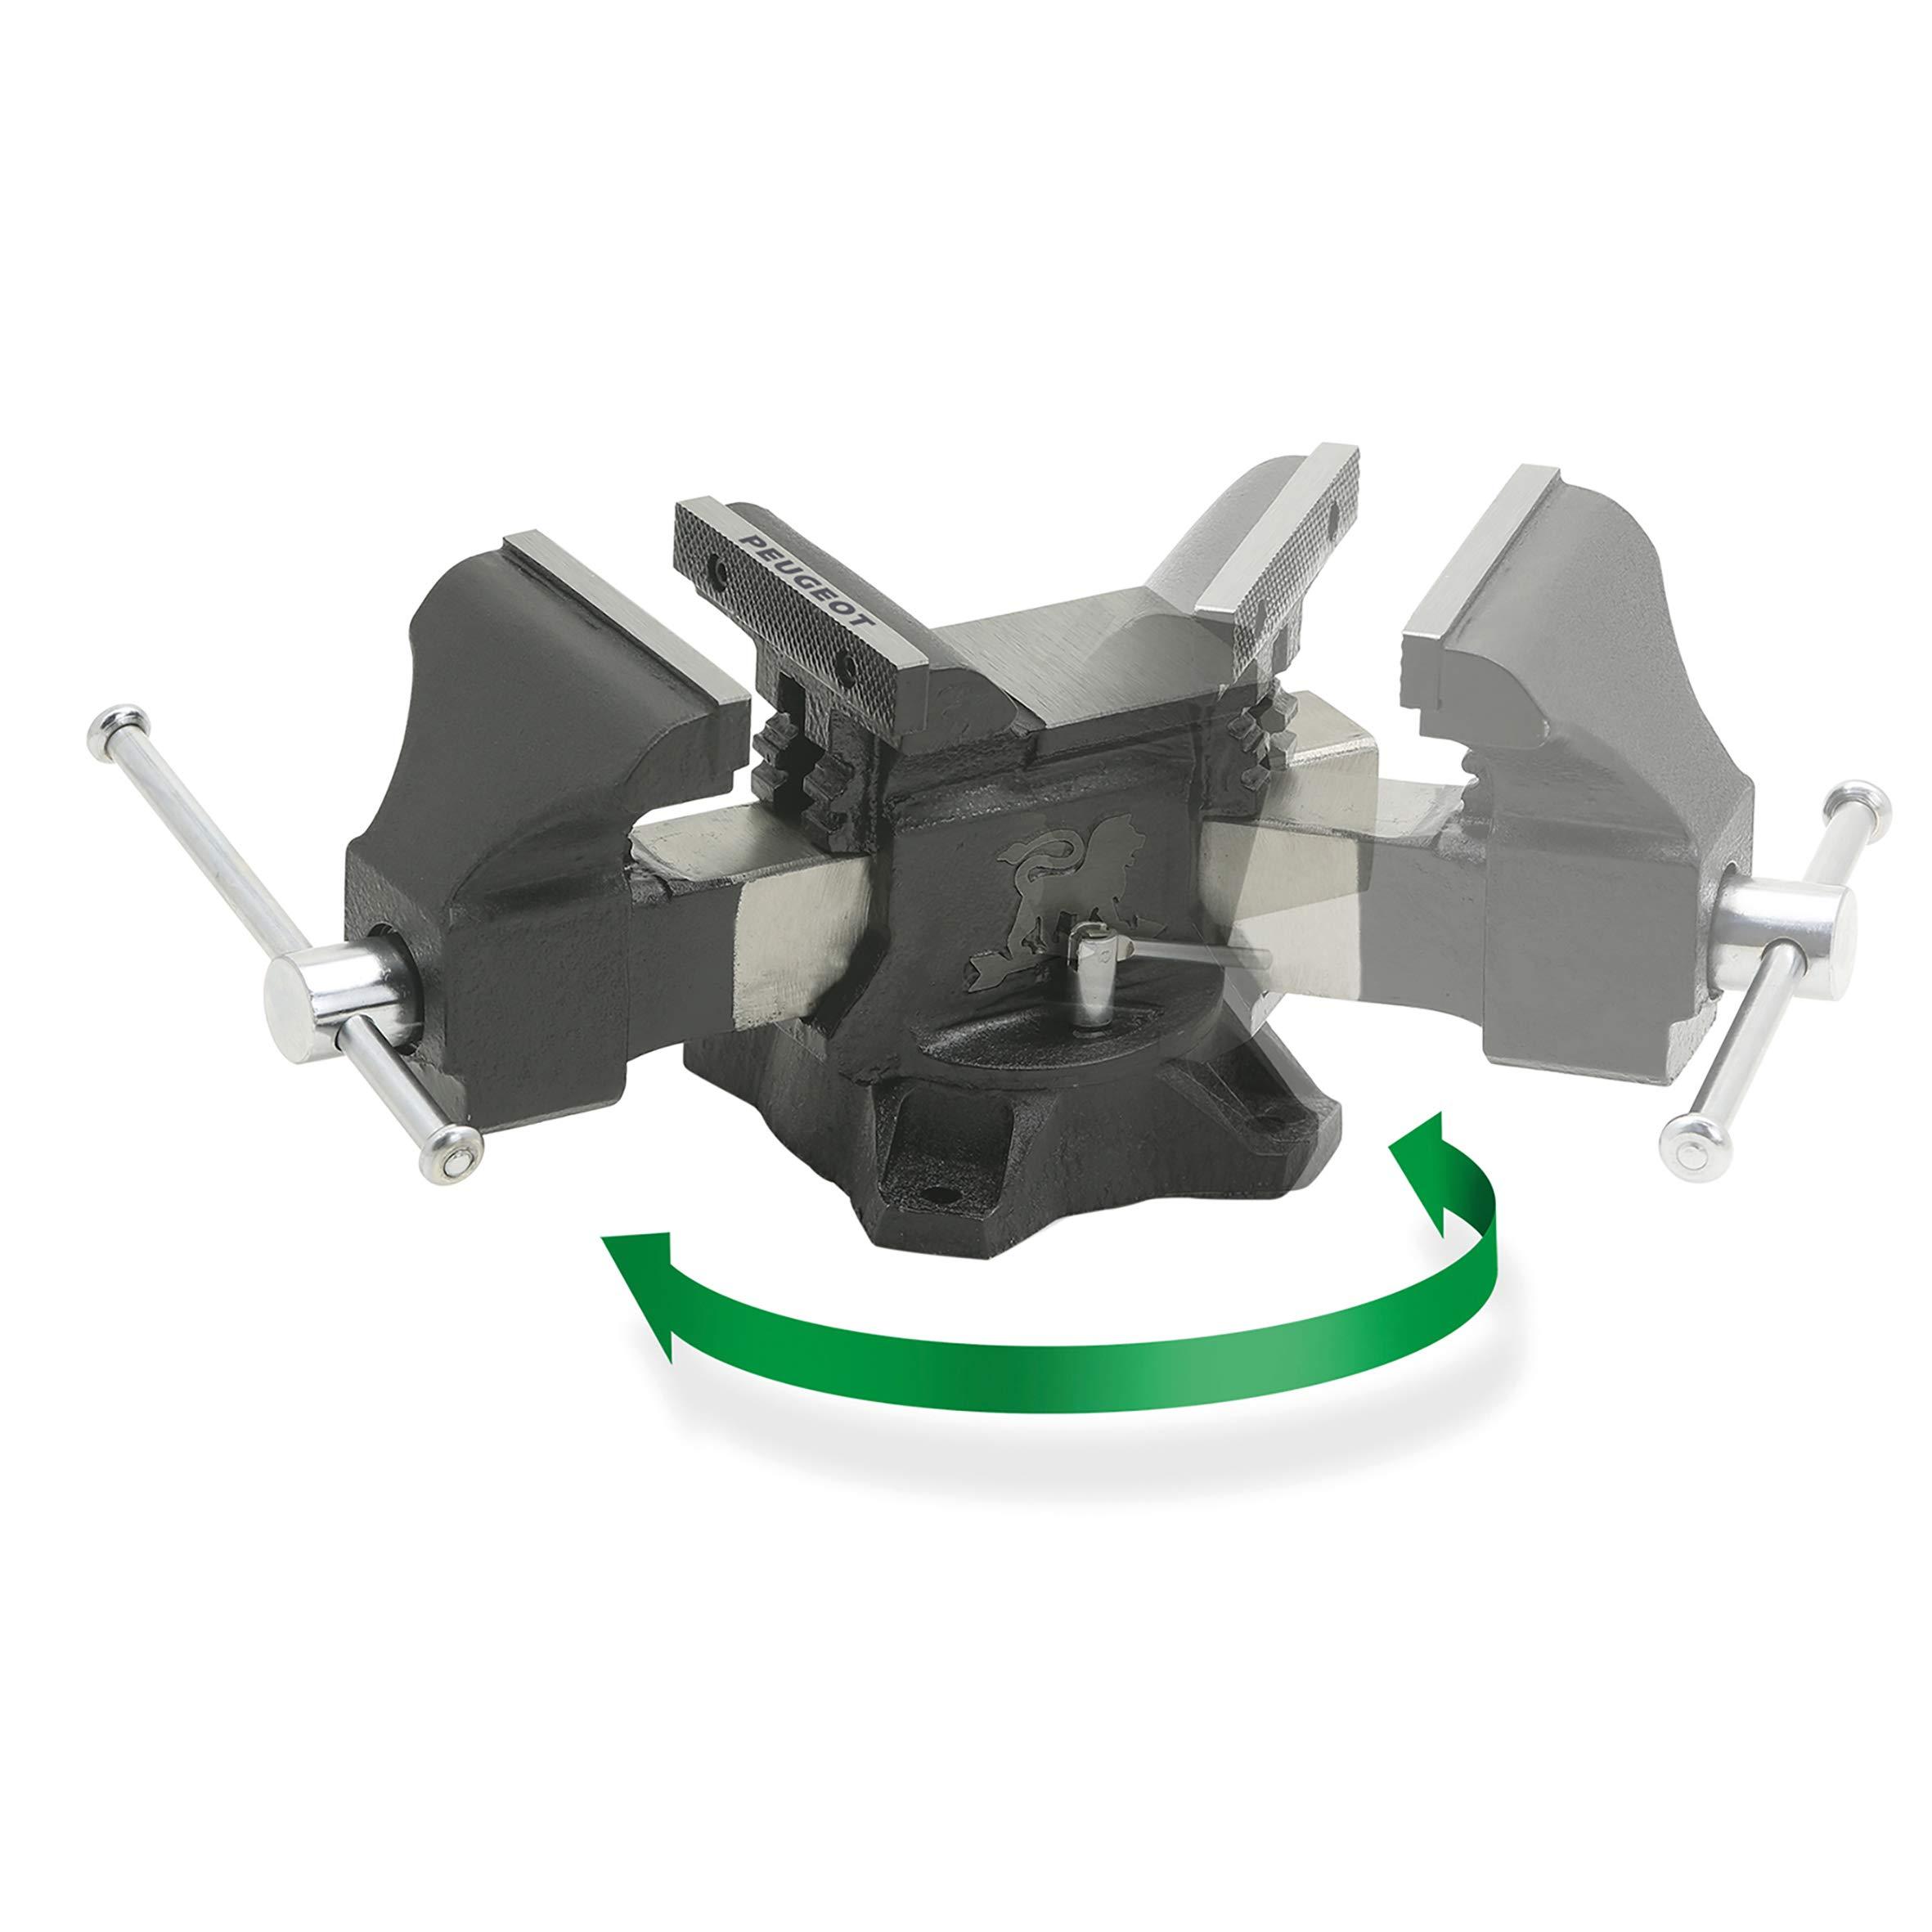 Tornillo de banco Heavy Duty Mordaza de banco 200 mm con yunque 8 Morsa de taller Uso insdustrial